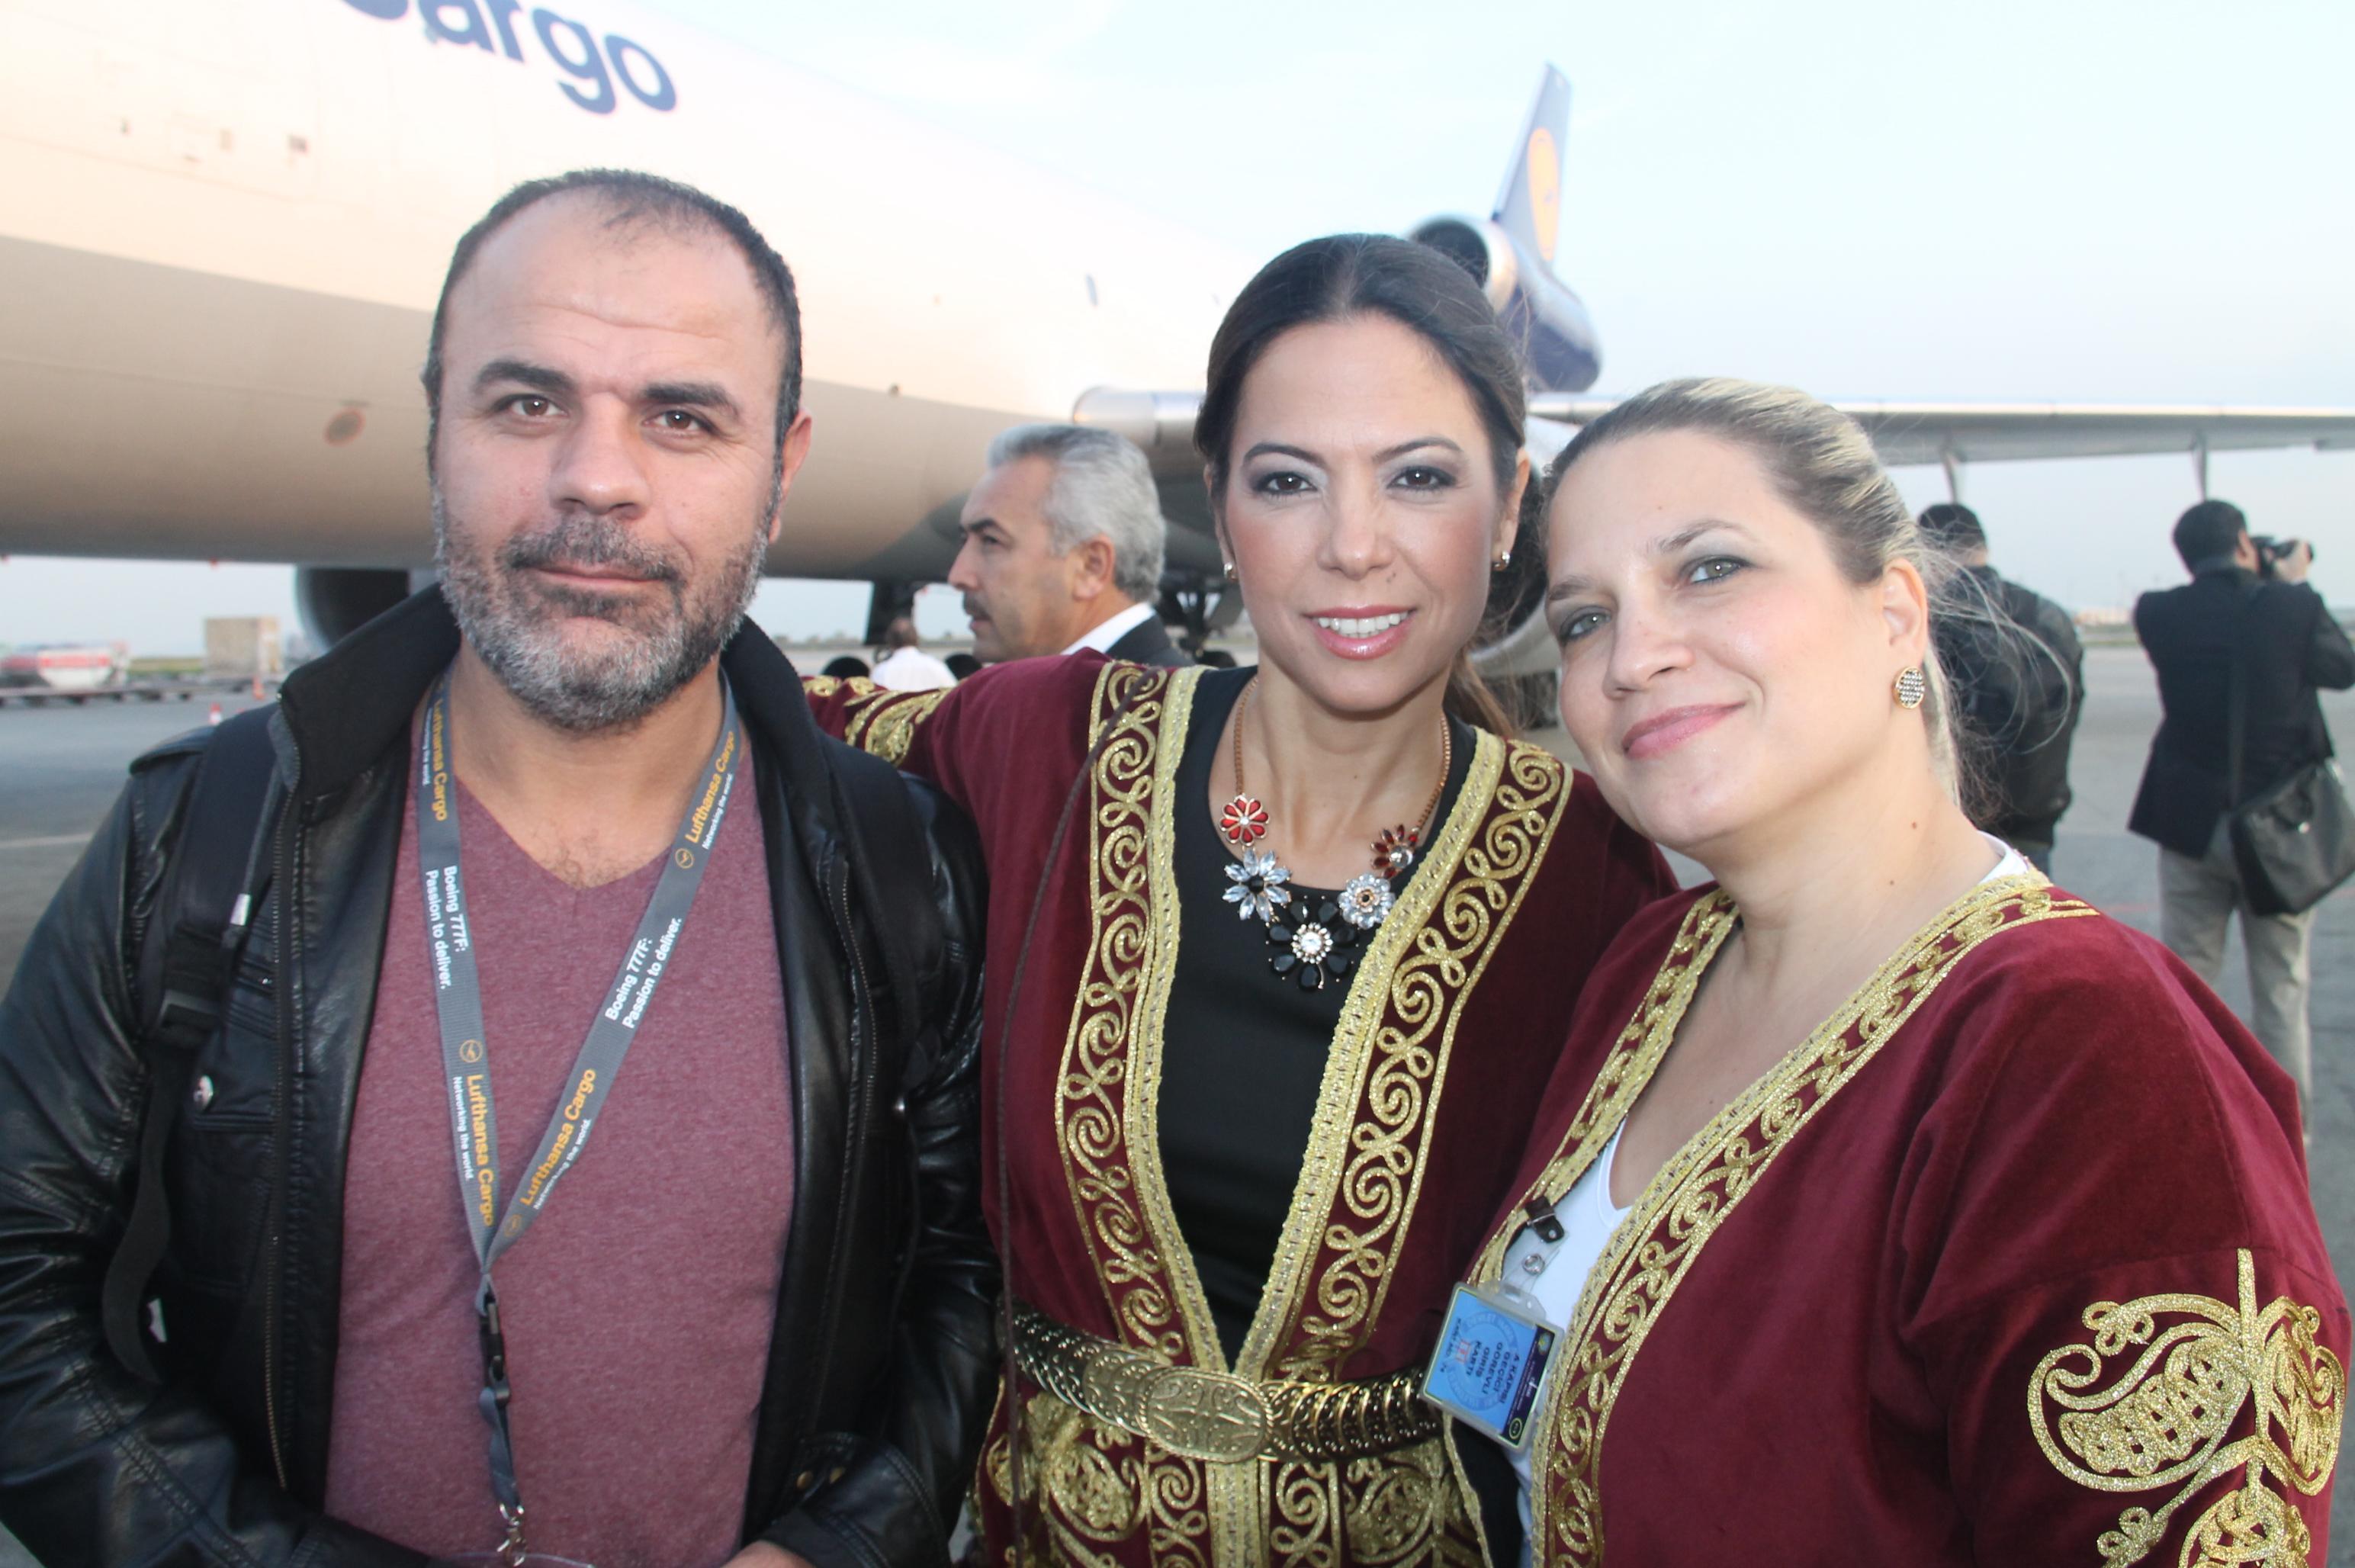 Lufthansa'nın yeni kargo uçağı Merhaba Turkey galerisi resim 3